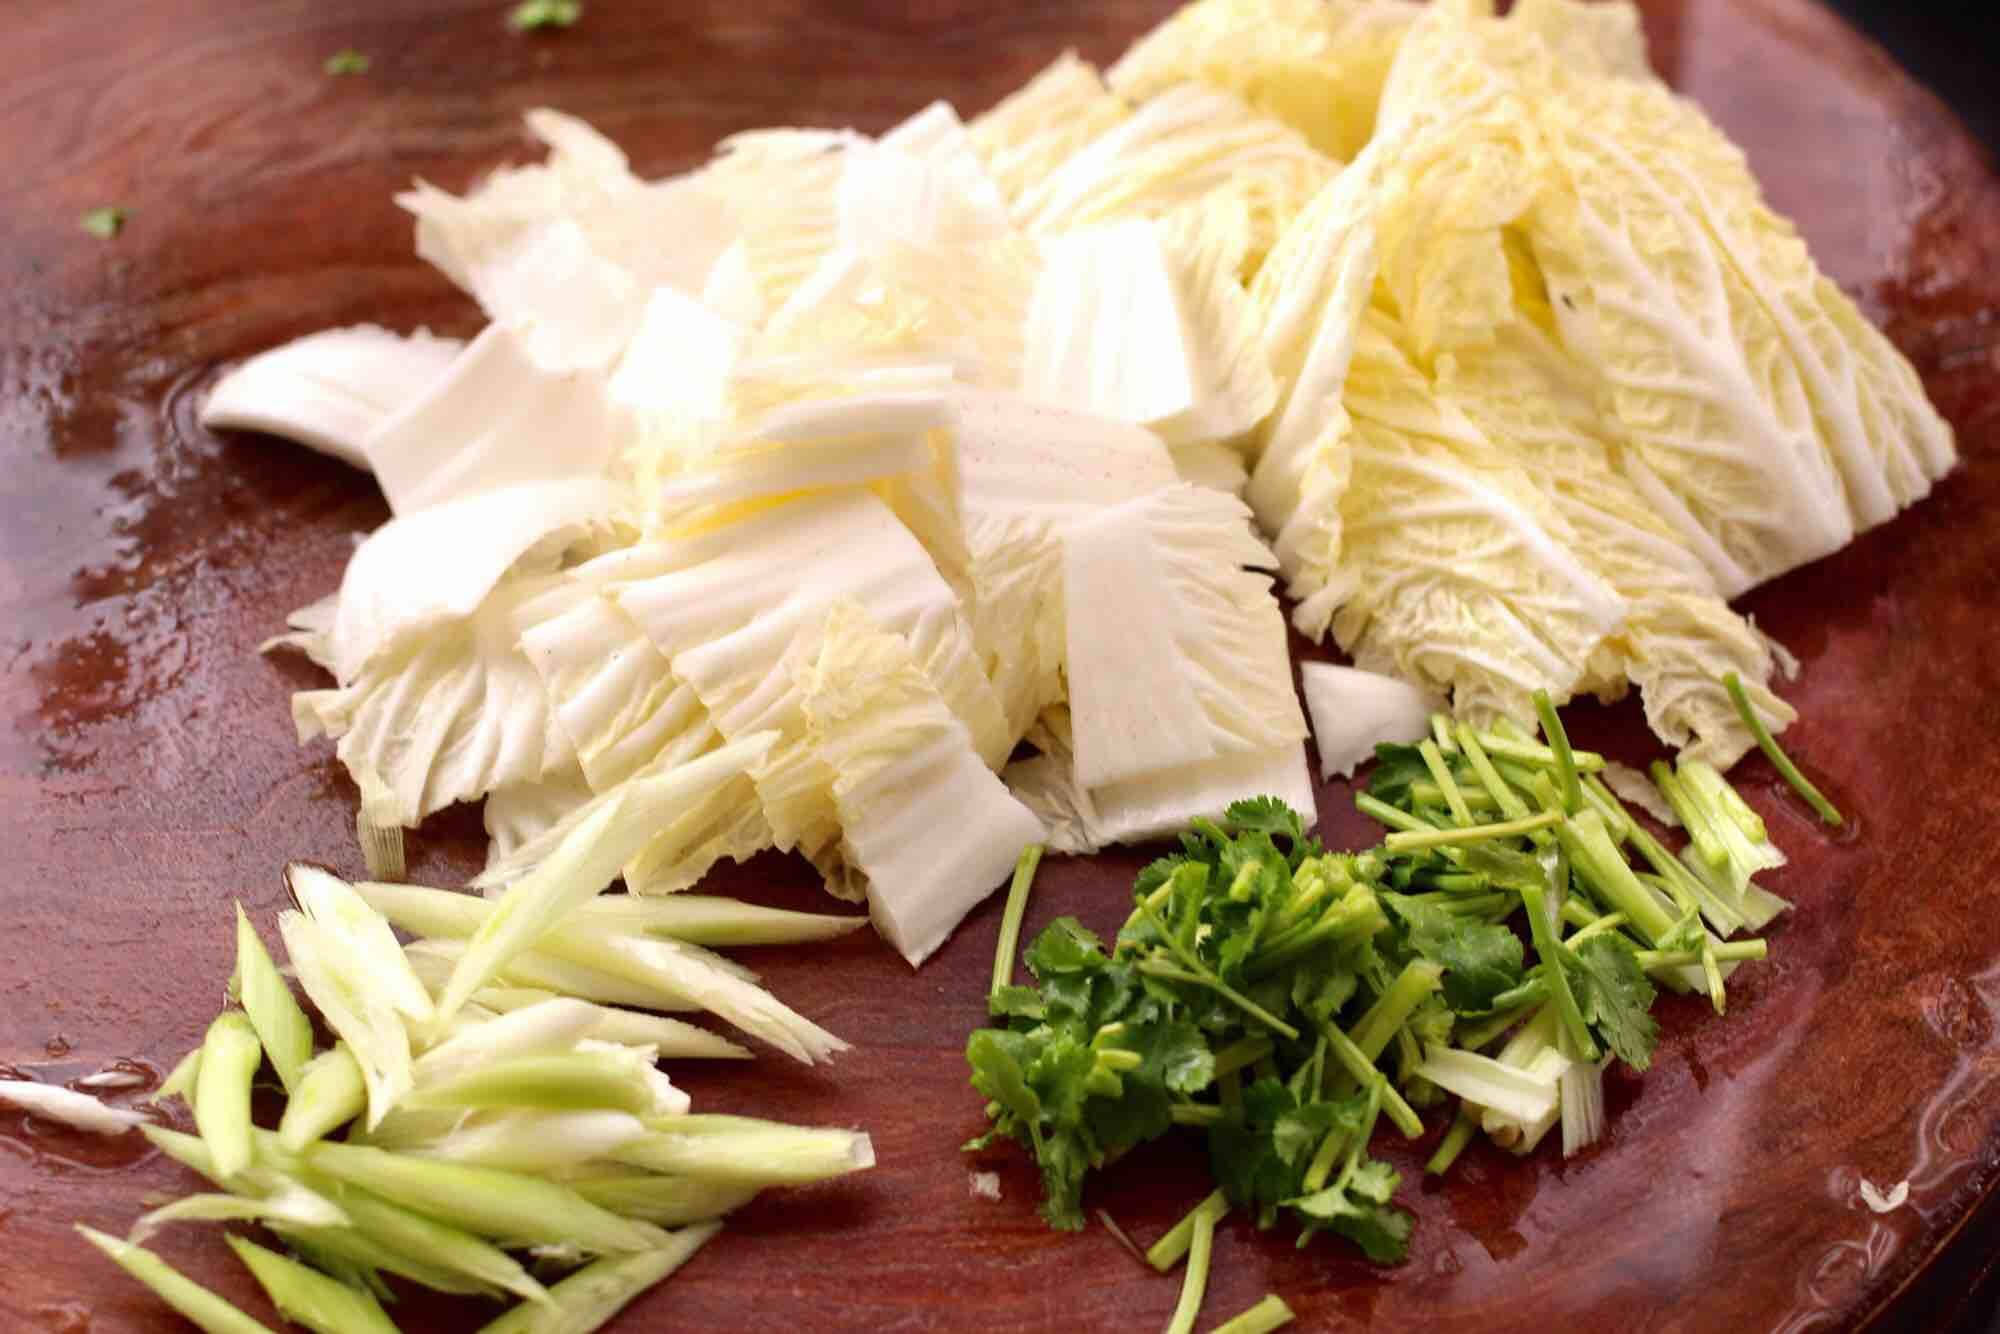 大白菜粉条炖海虹的做法图解